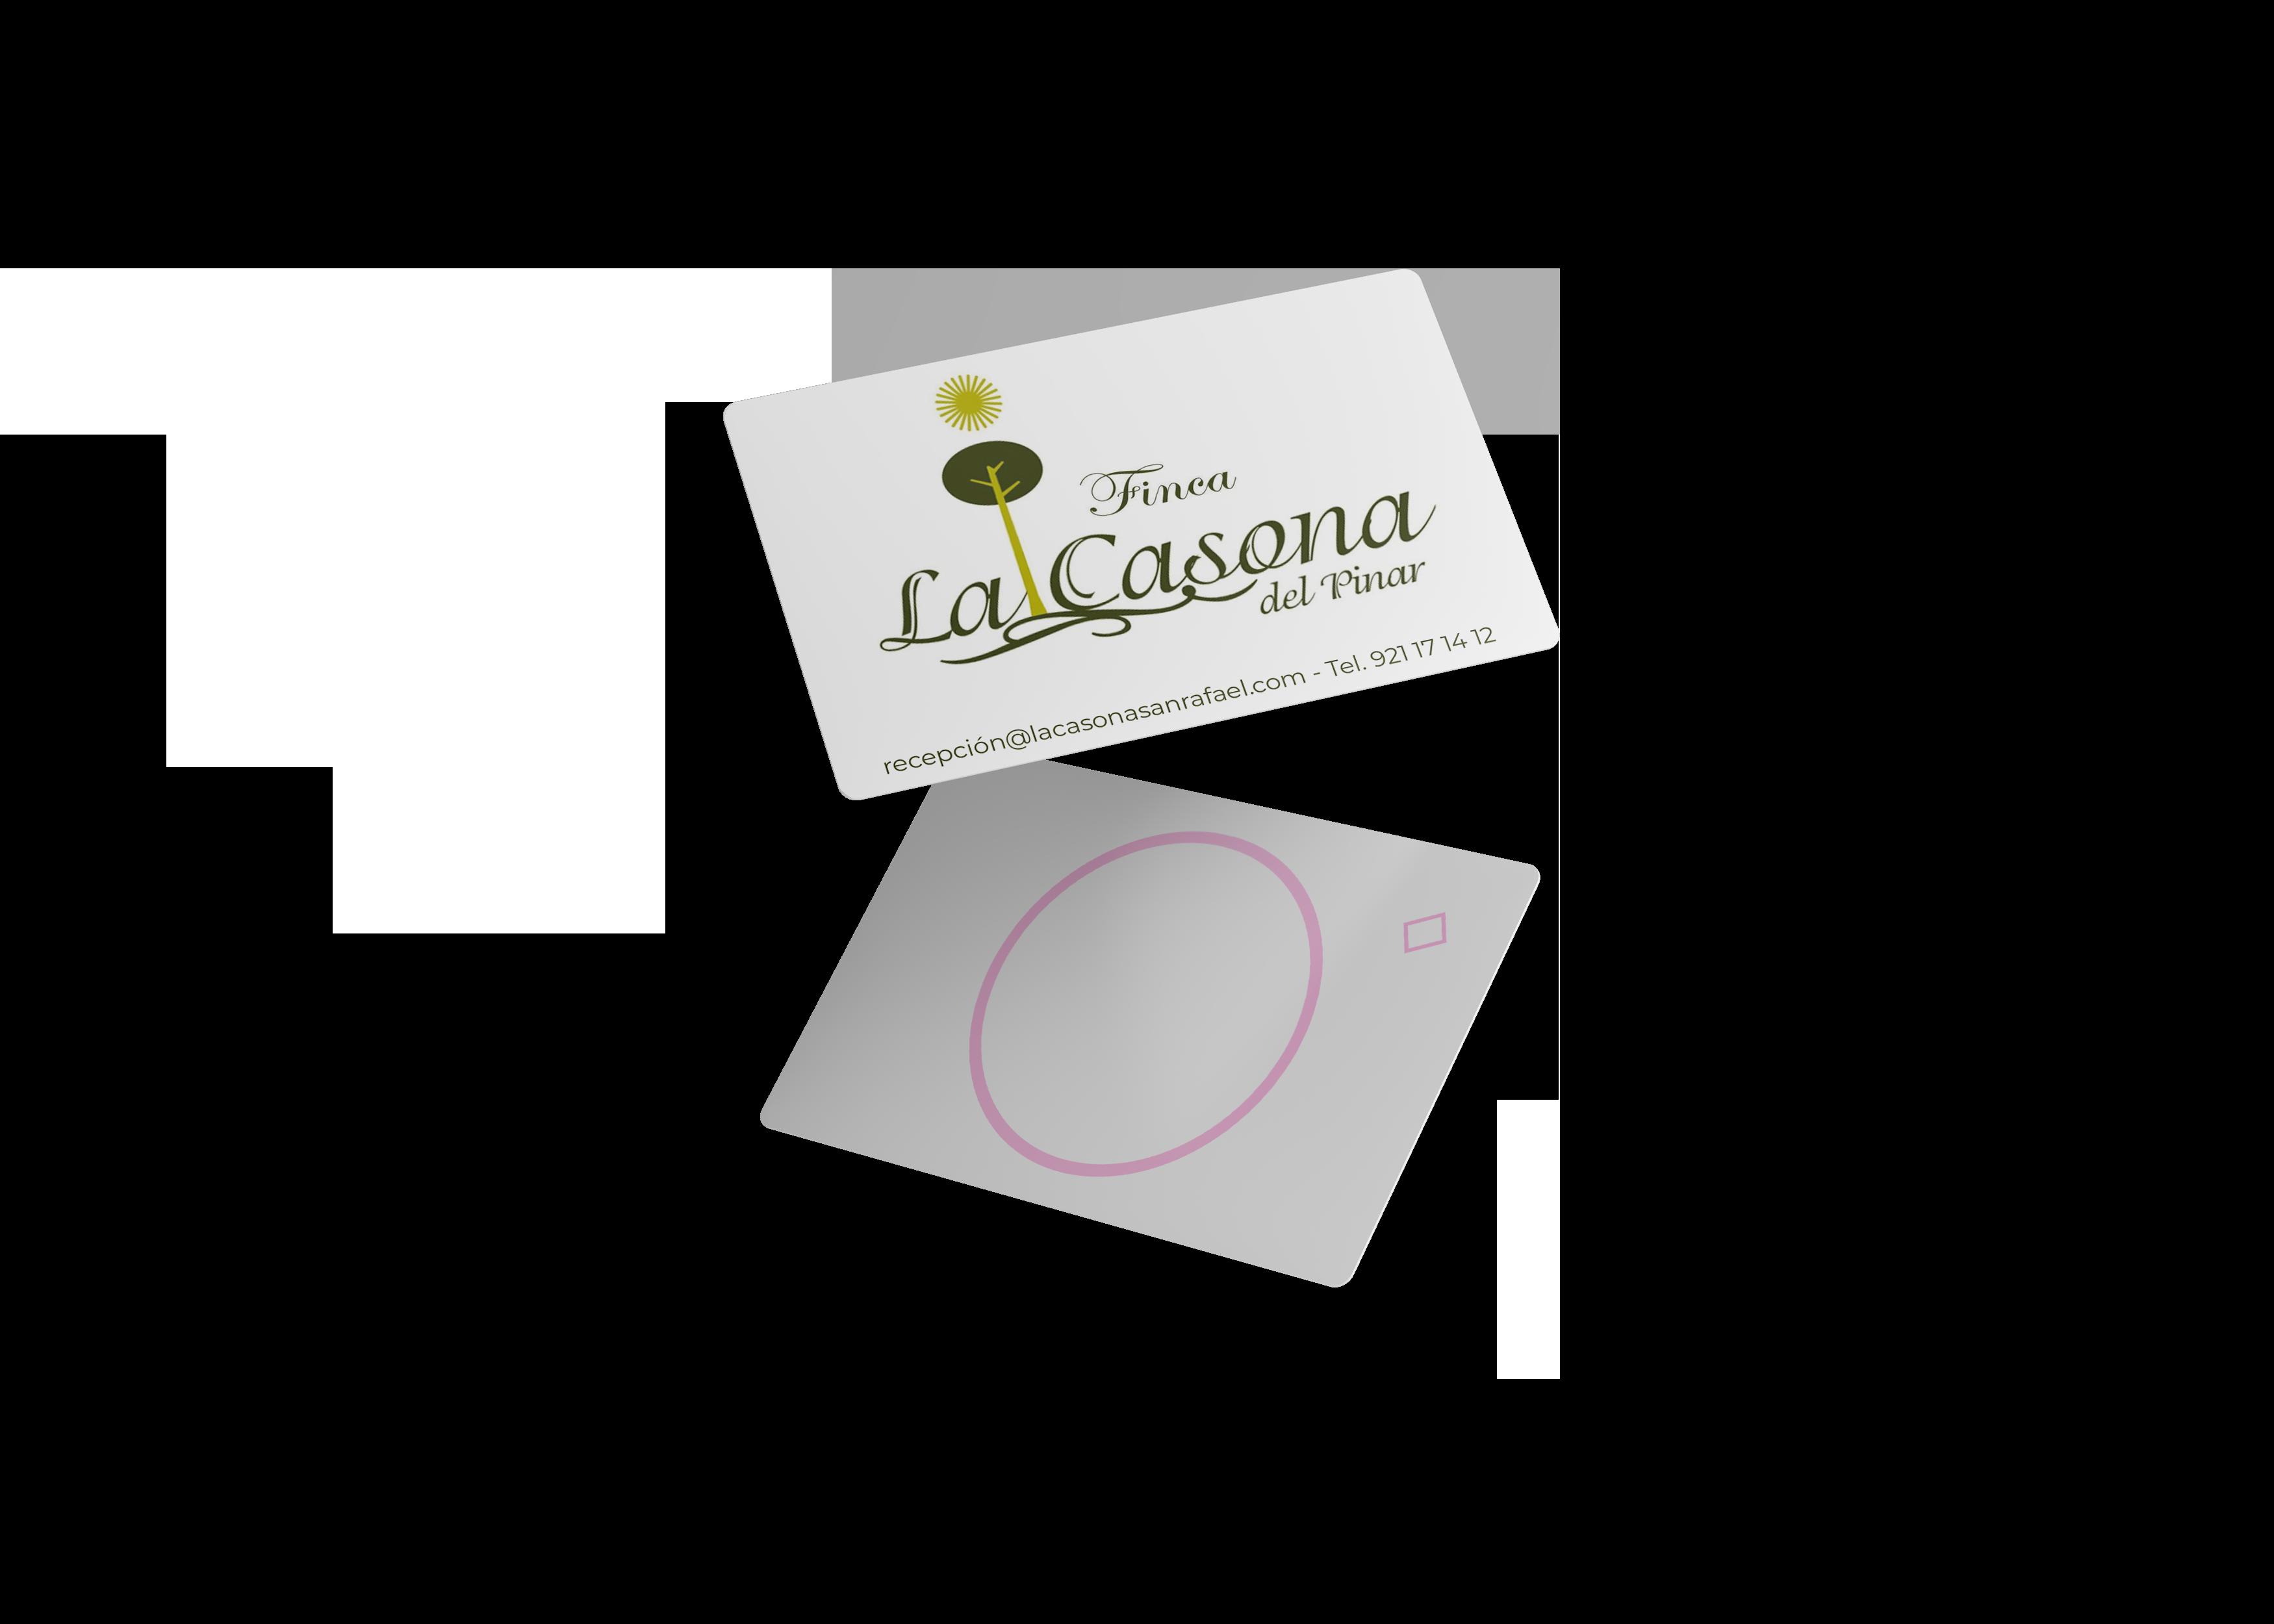 Tarjeta RFID para cliente La Casona